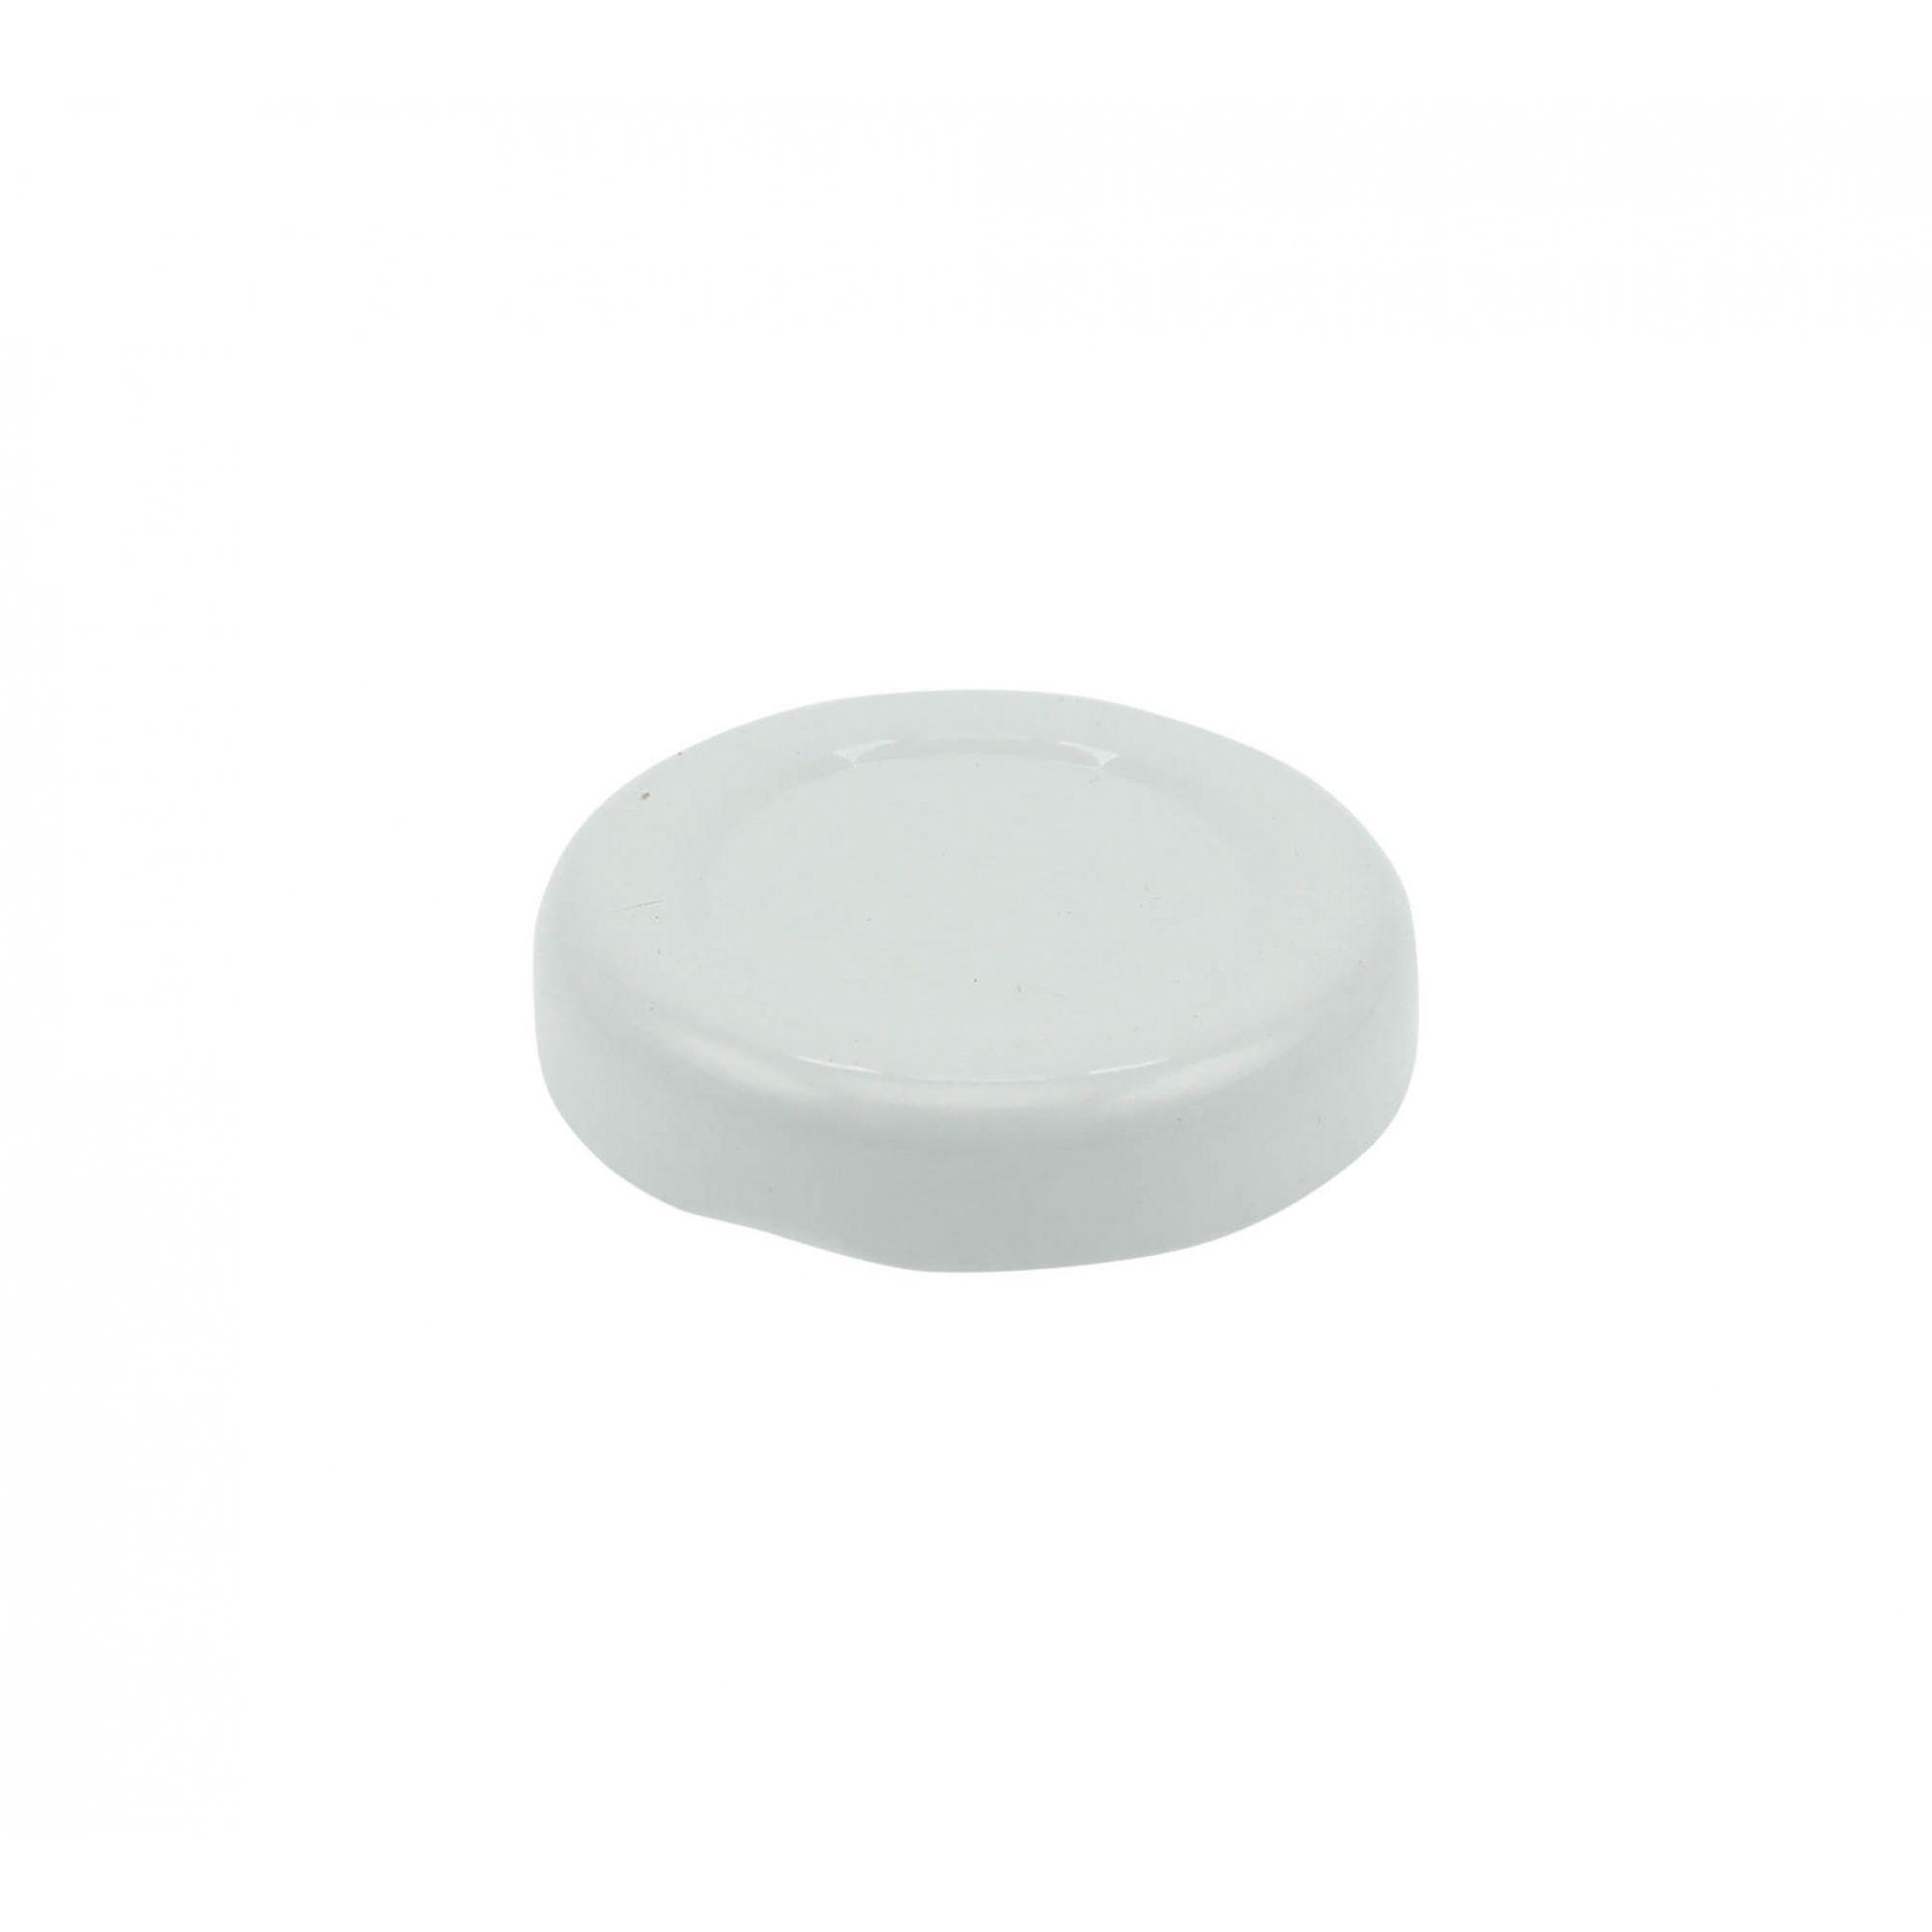 Pote de Vidro Redondo 40ml (Geleinha) - Caixa com 50 unidades